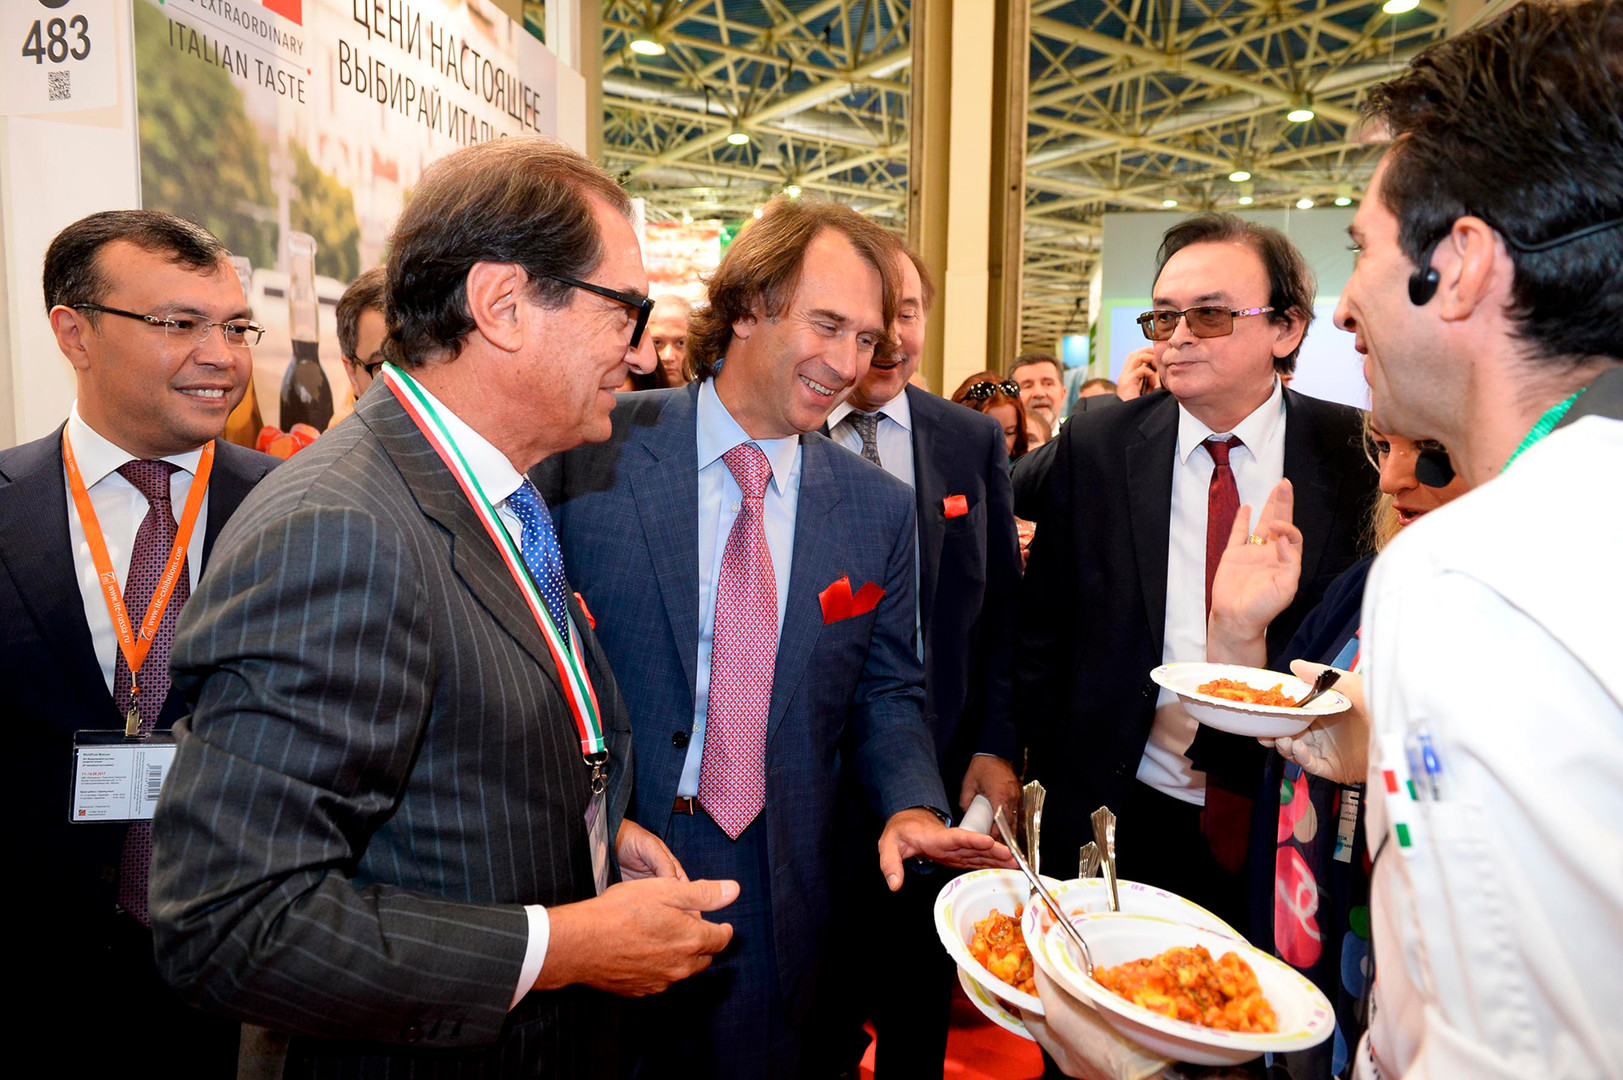 Il direttore dell'Ice Pier Paolo Celeste (il secondo da sinistra) nel padiglione italiano della fiera